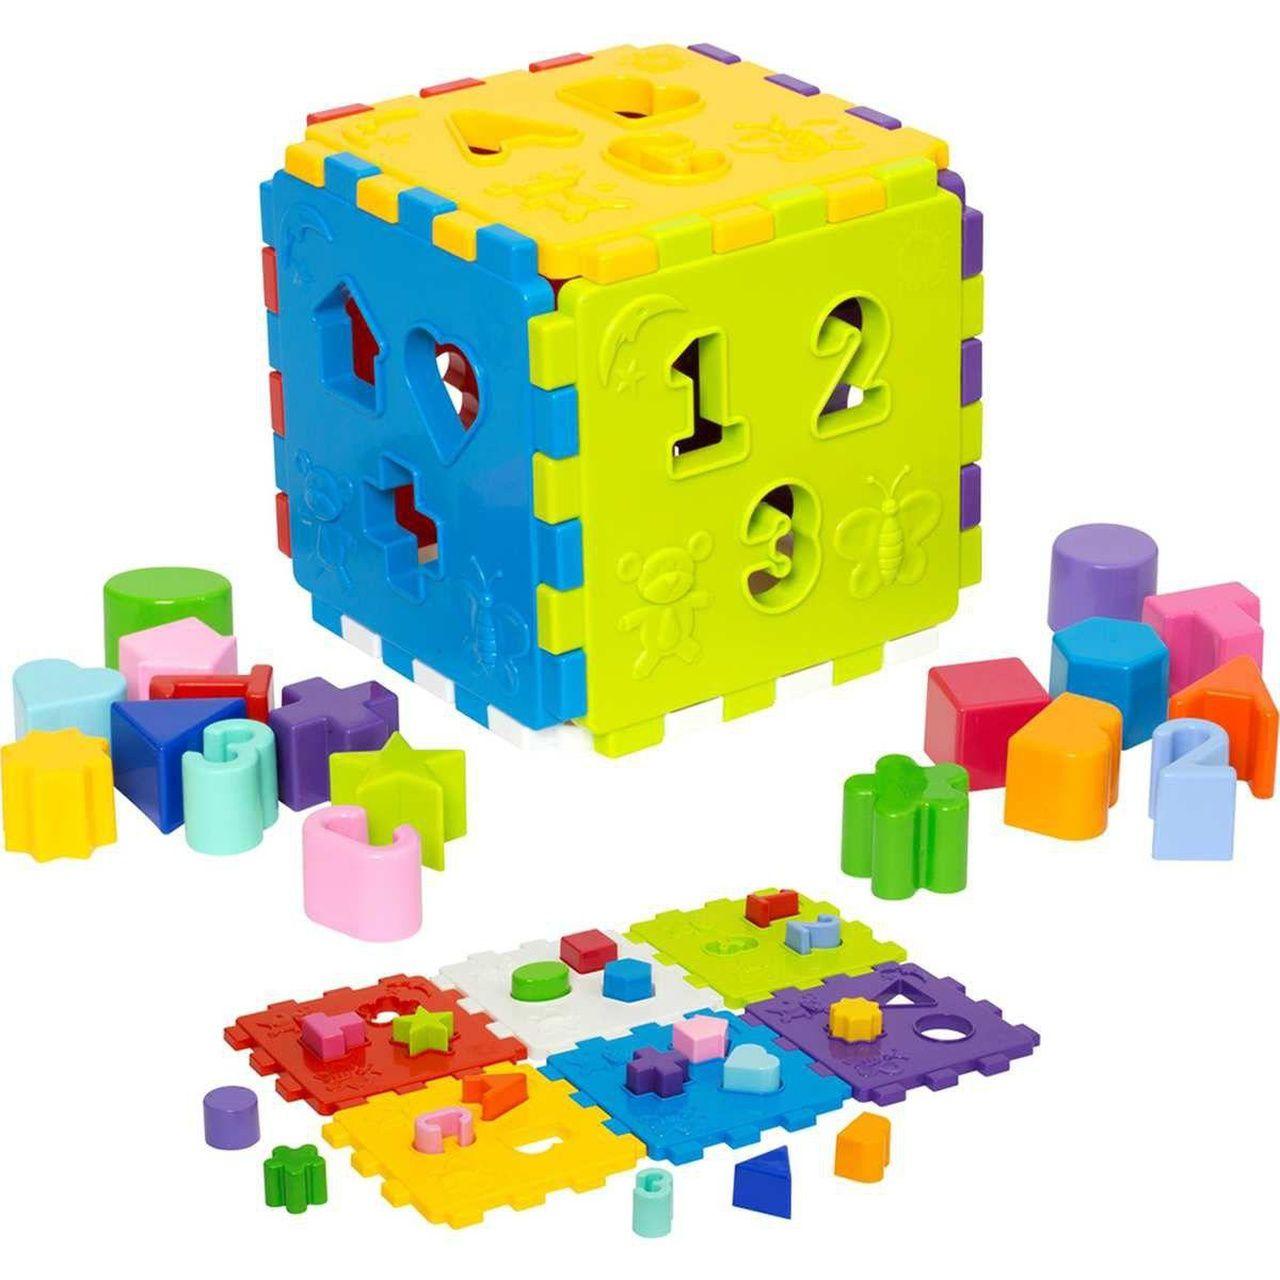 Brinquedo Educativo Cubo Didático - Mercotoys 403